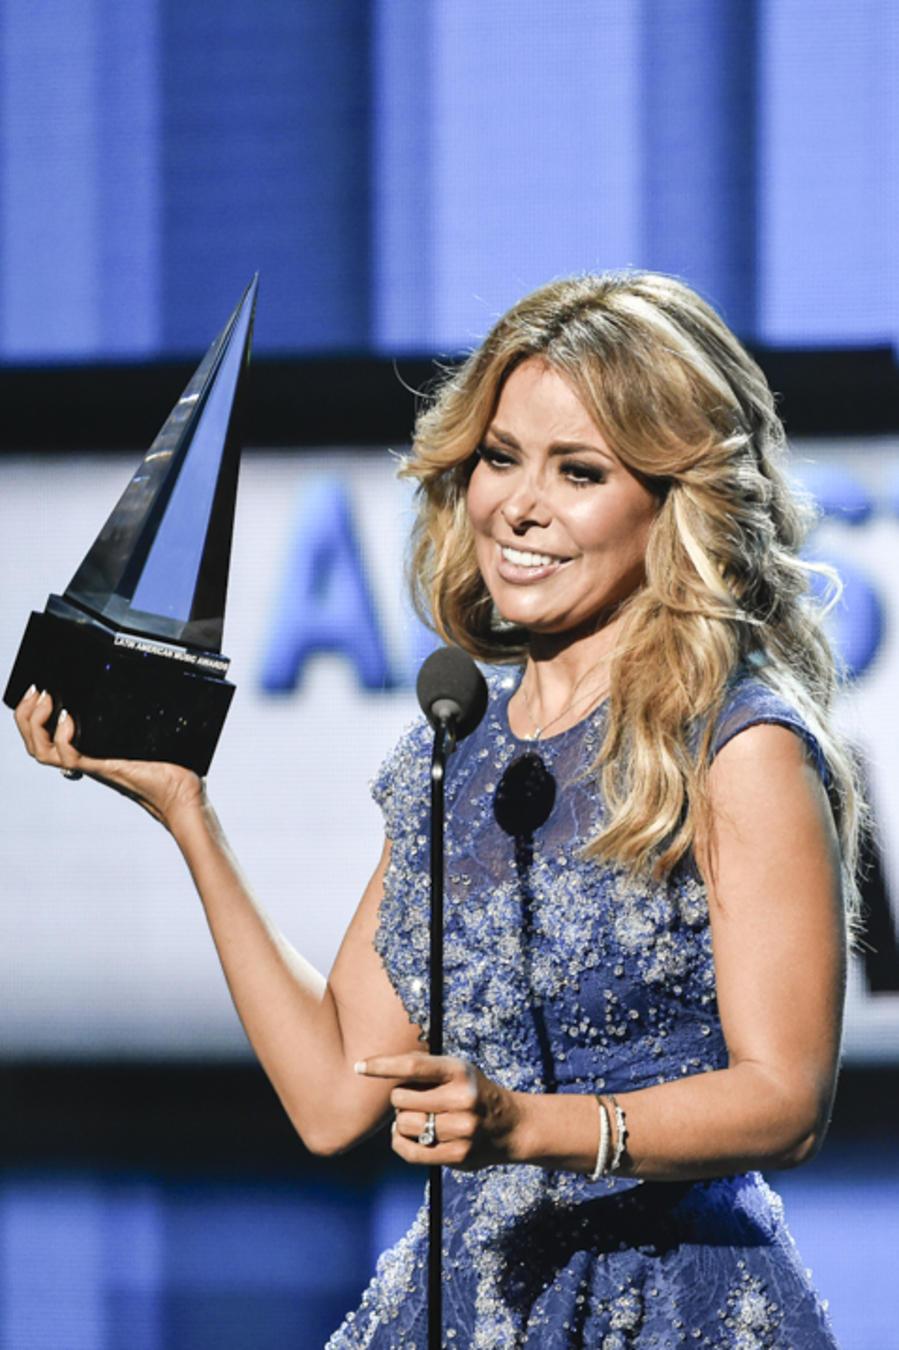 جلوريا تريفى تفوز بجائزة افضل مطربة